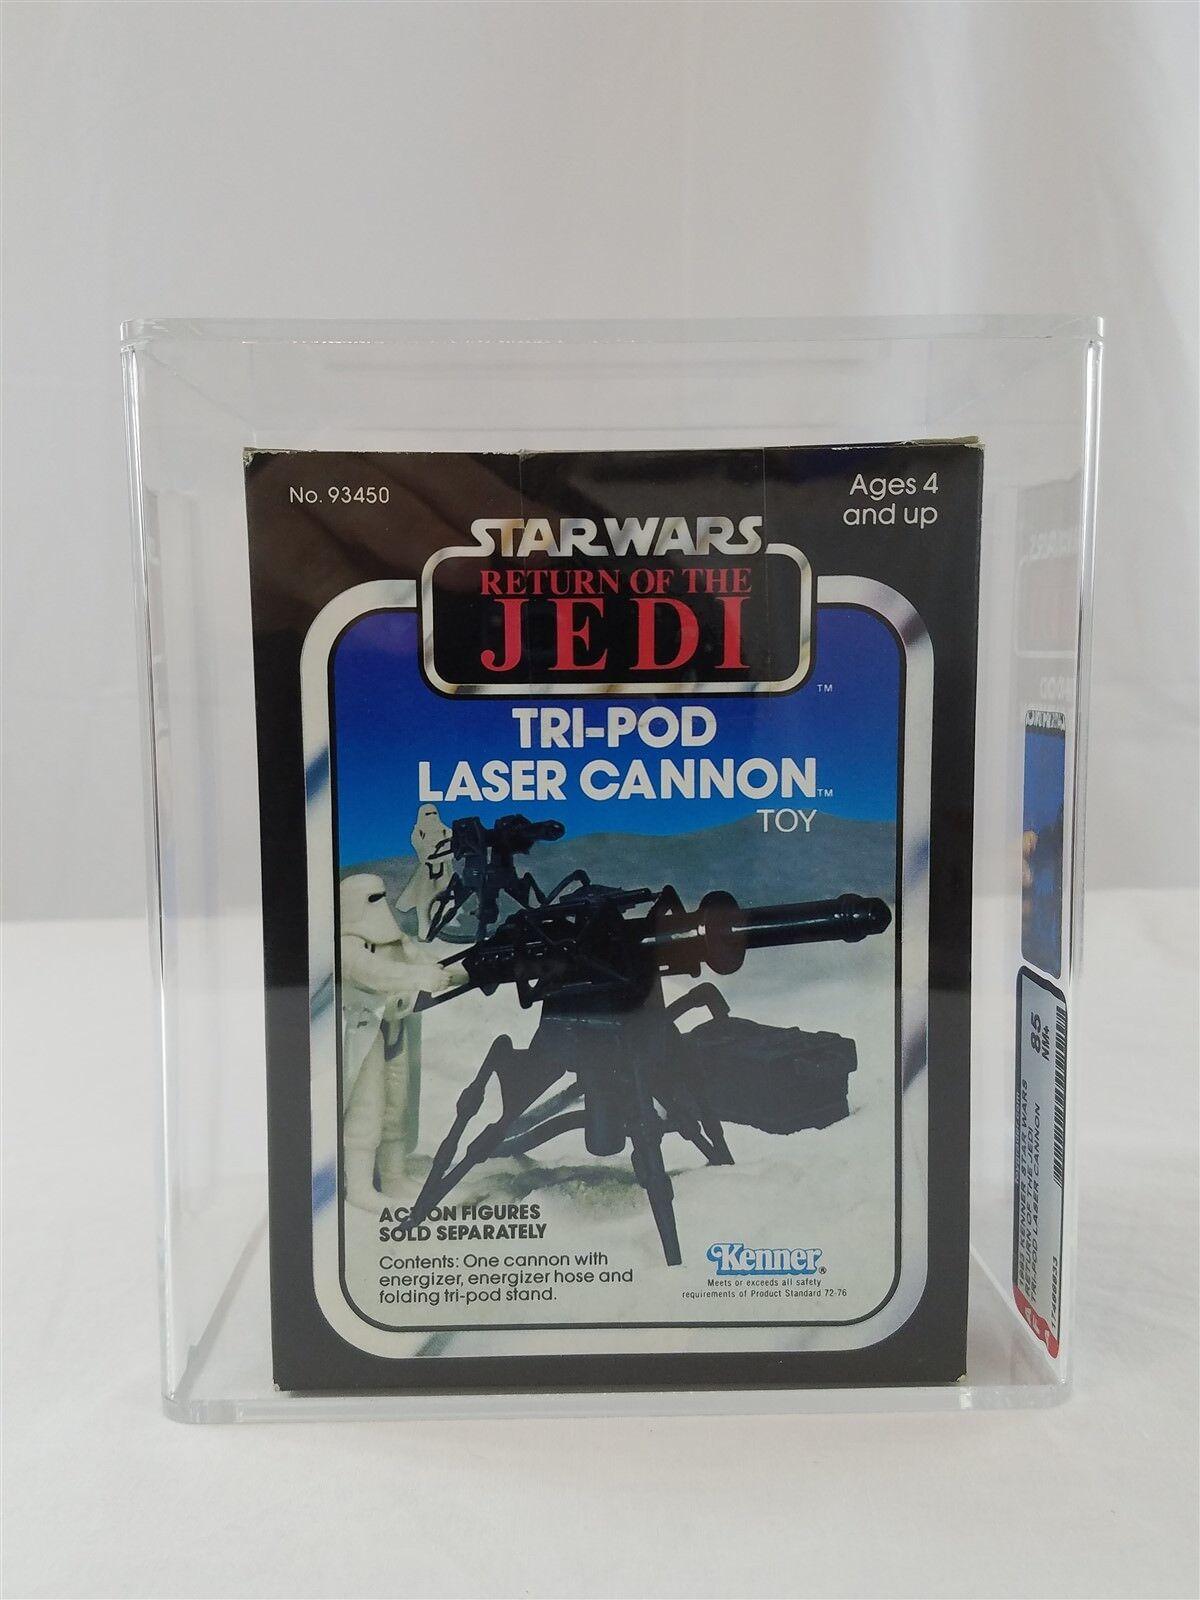 100% autentico Retorno de las Jedi De Star Wars Tri-pod cañón láser láser láser autoridad Figura de Acción 85 Casi Nuevo  17488833  Venta barata